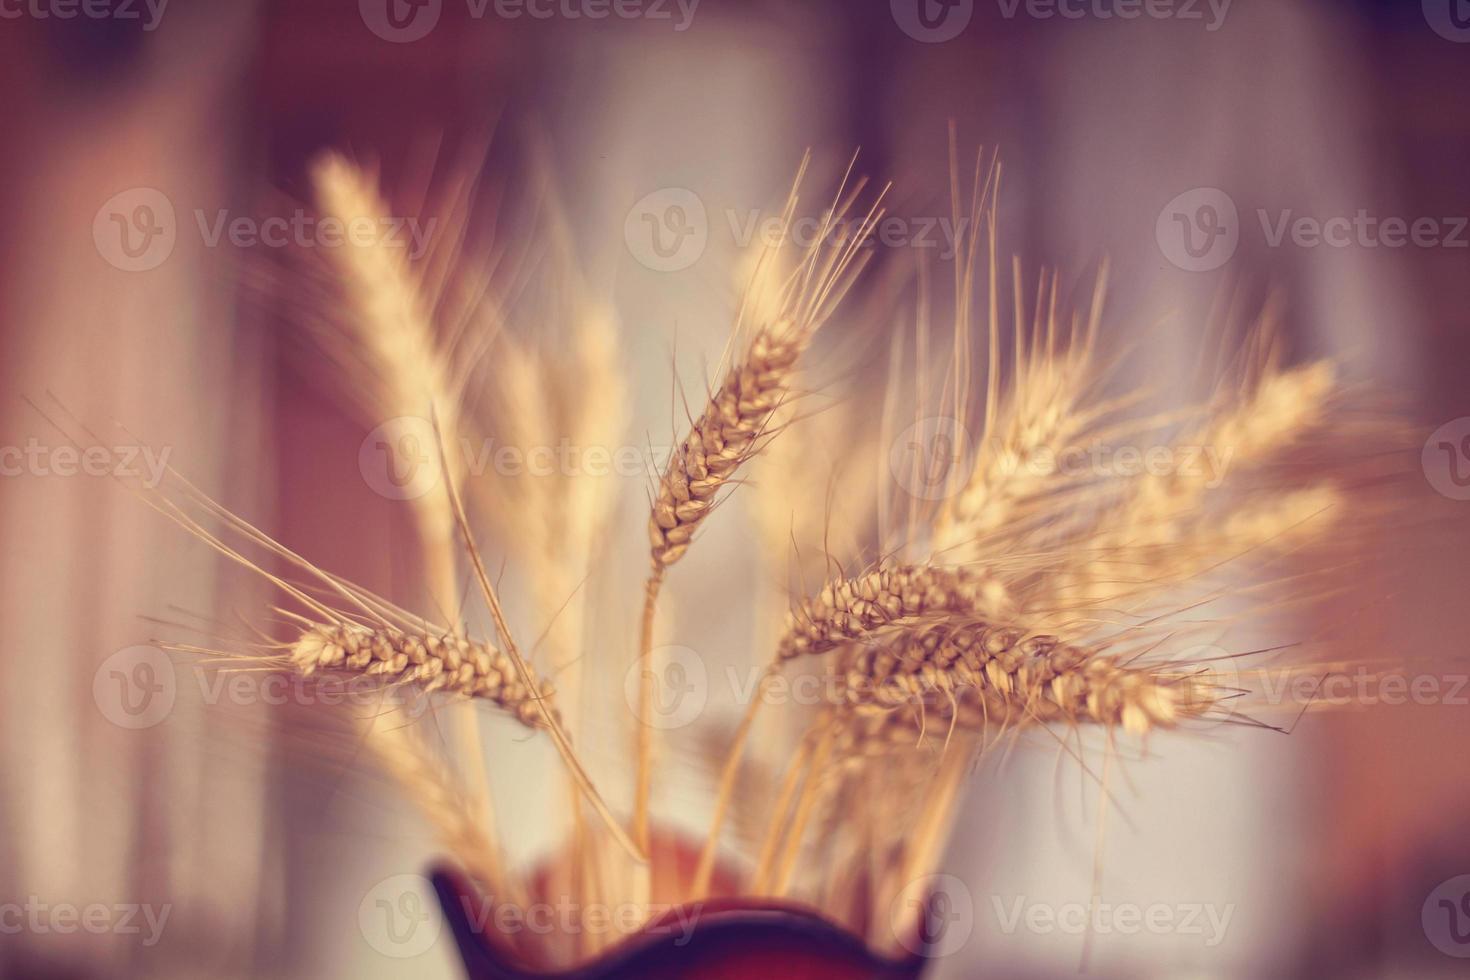 grano in un vaso foto